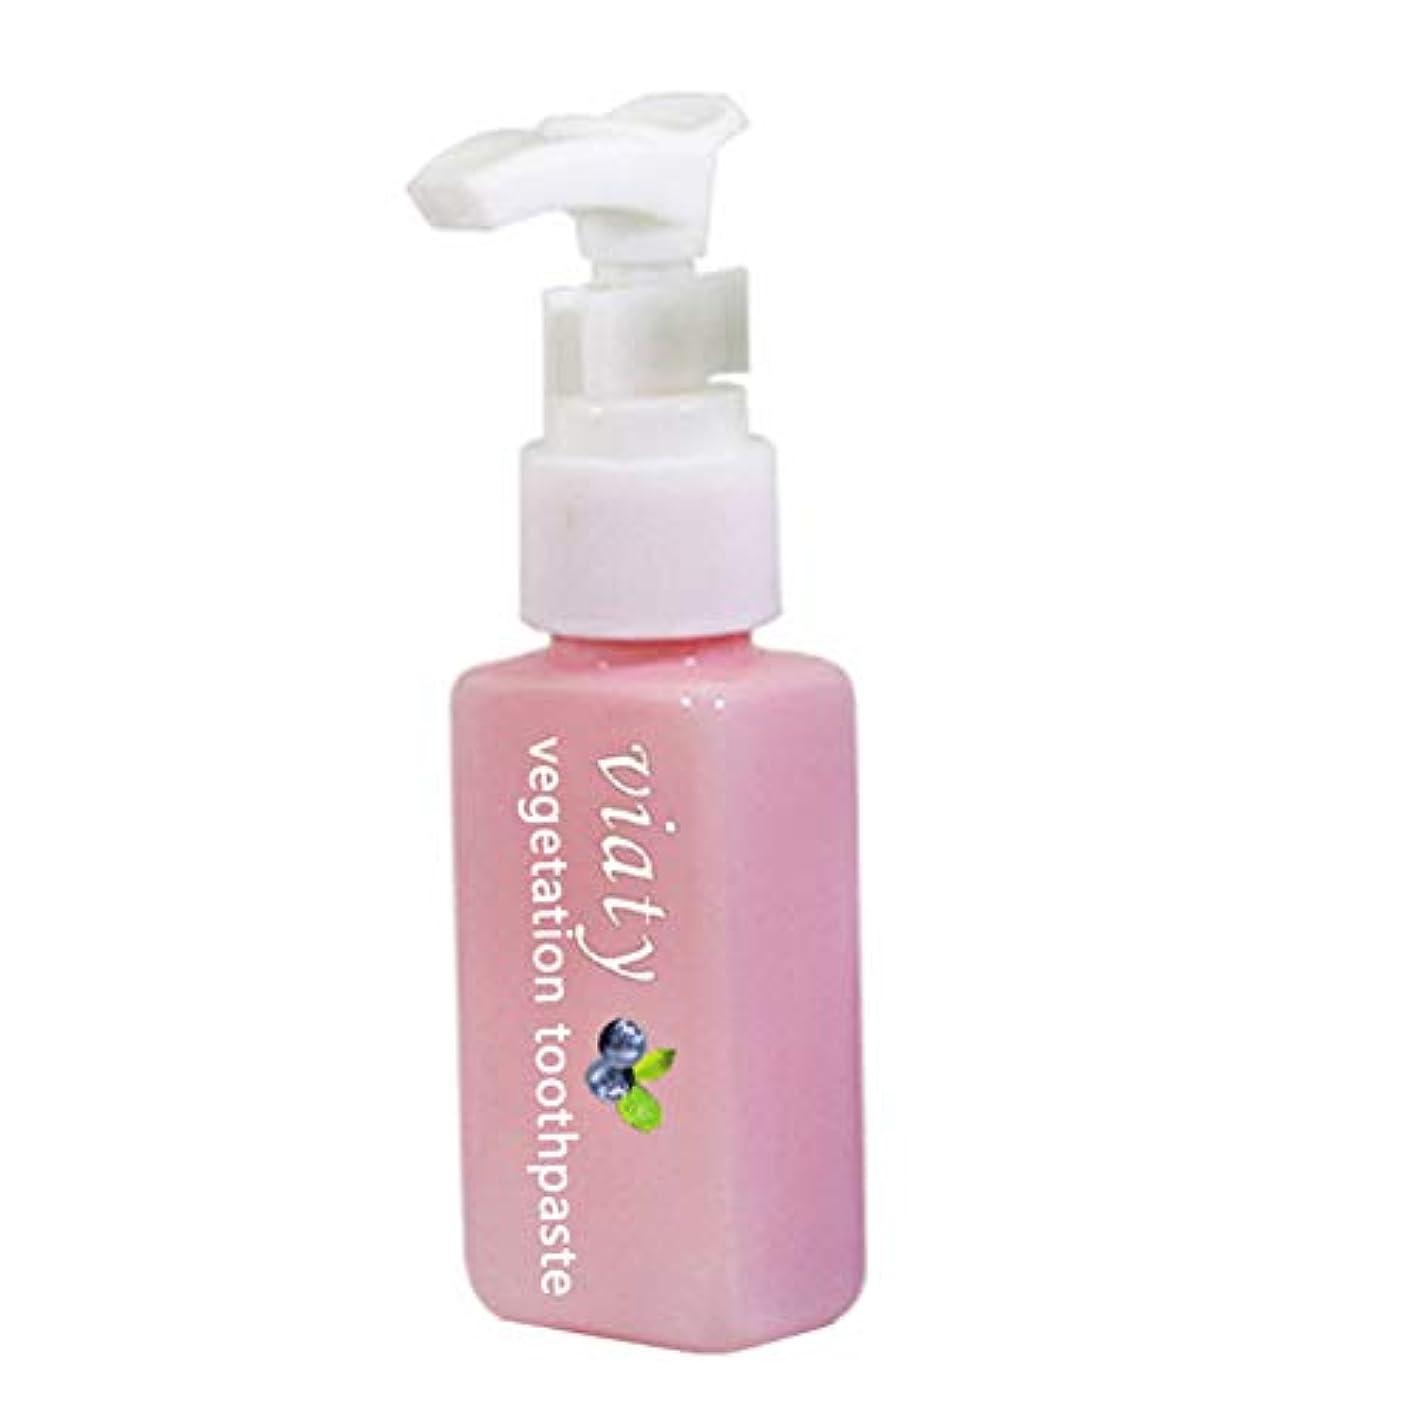 に対応するタイプライター媒染剤Profeel歯磨き粉アンチブリードガムプレスタイプ新鮮な歯磨き粉を白くする汚れ除去剤